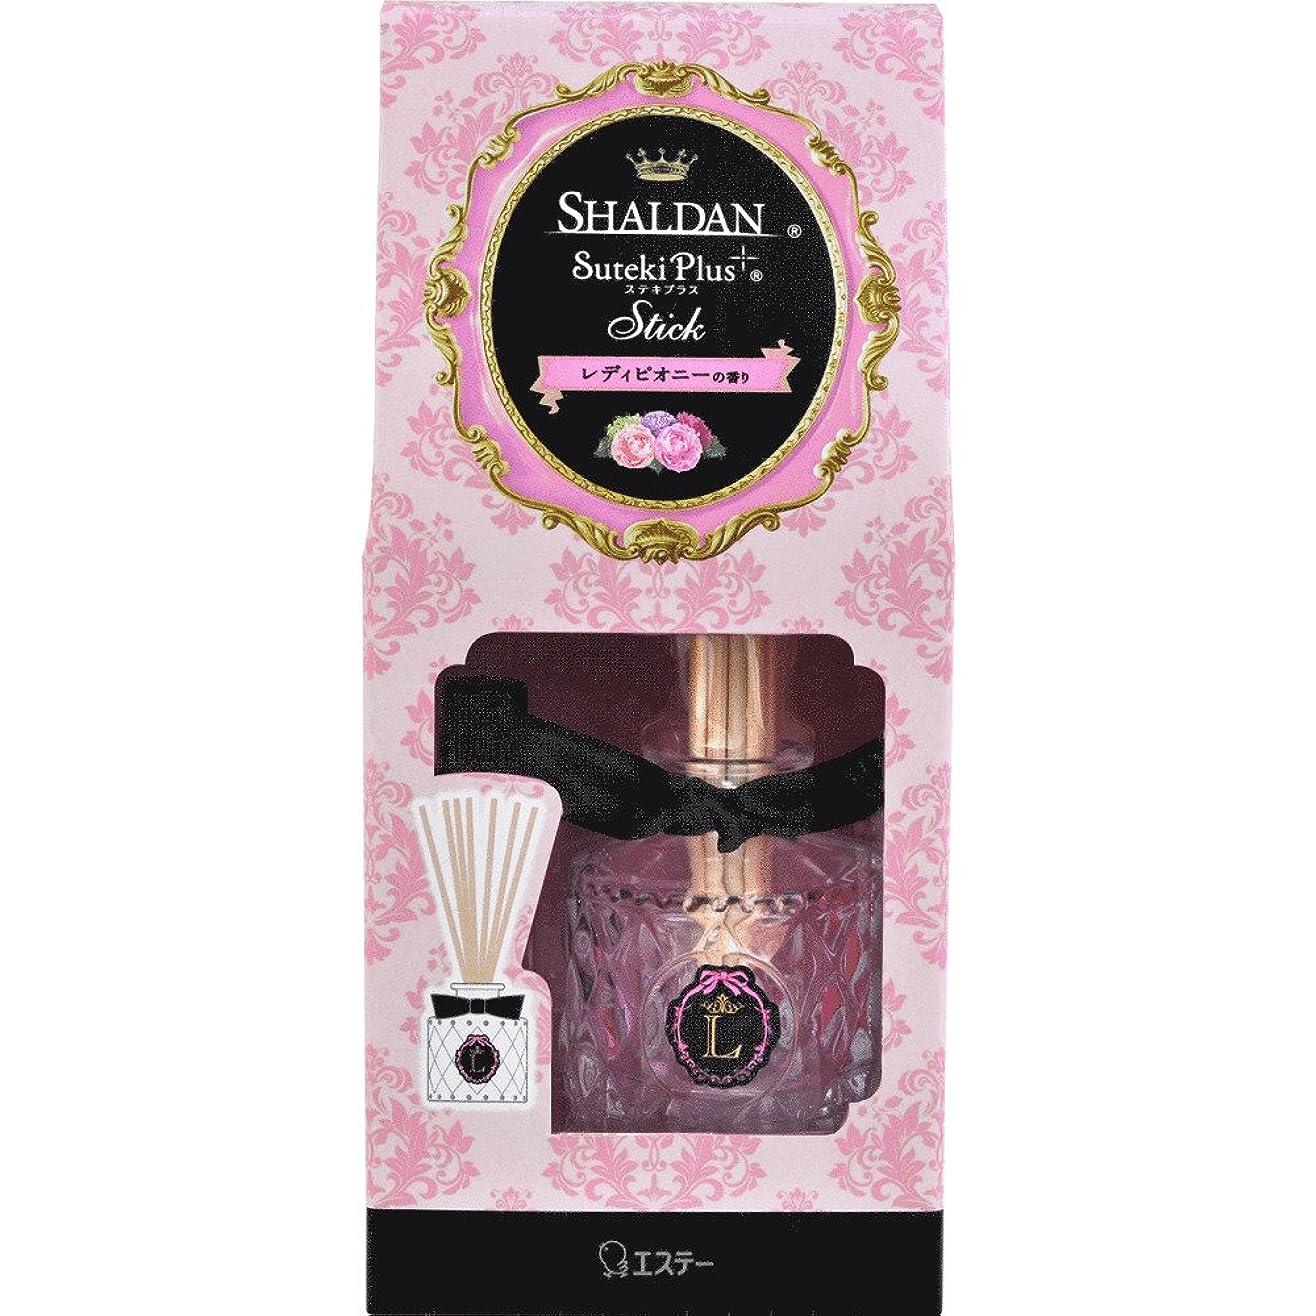 延ばす近代化結果としてシャルダン SHALDAN ステキプラス スティック 消臭芳香剤 部屋用 本体 レディピオニーの香り 45ml